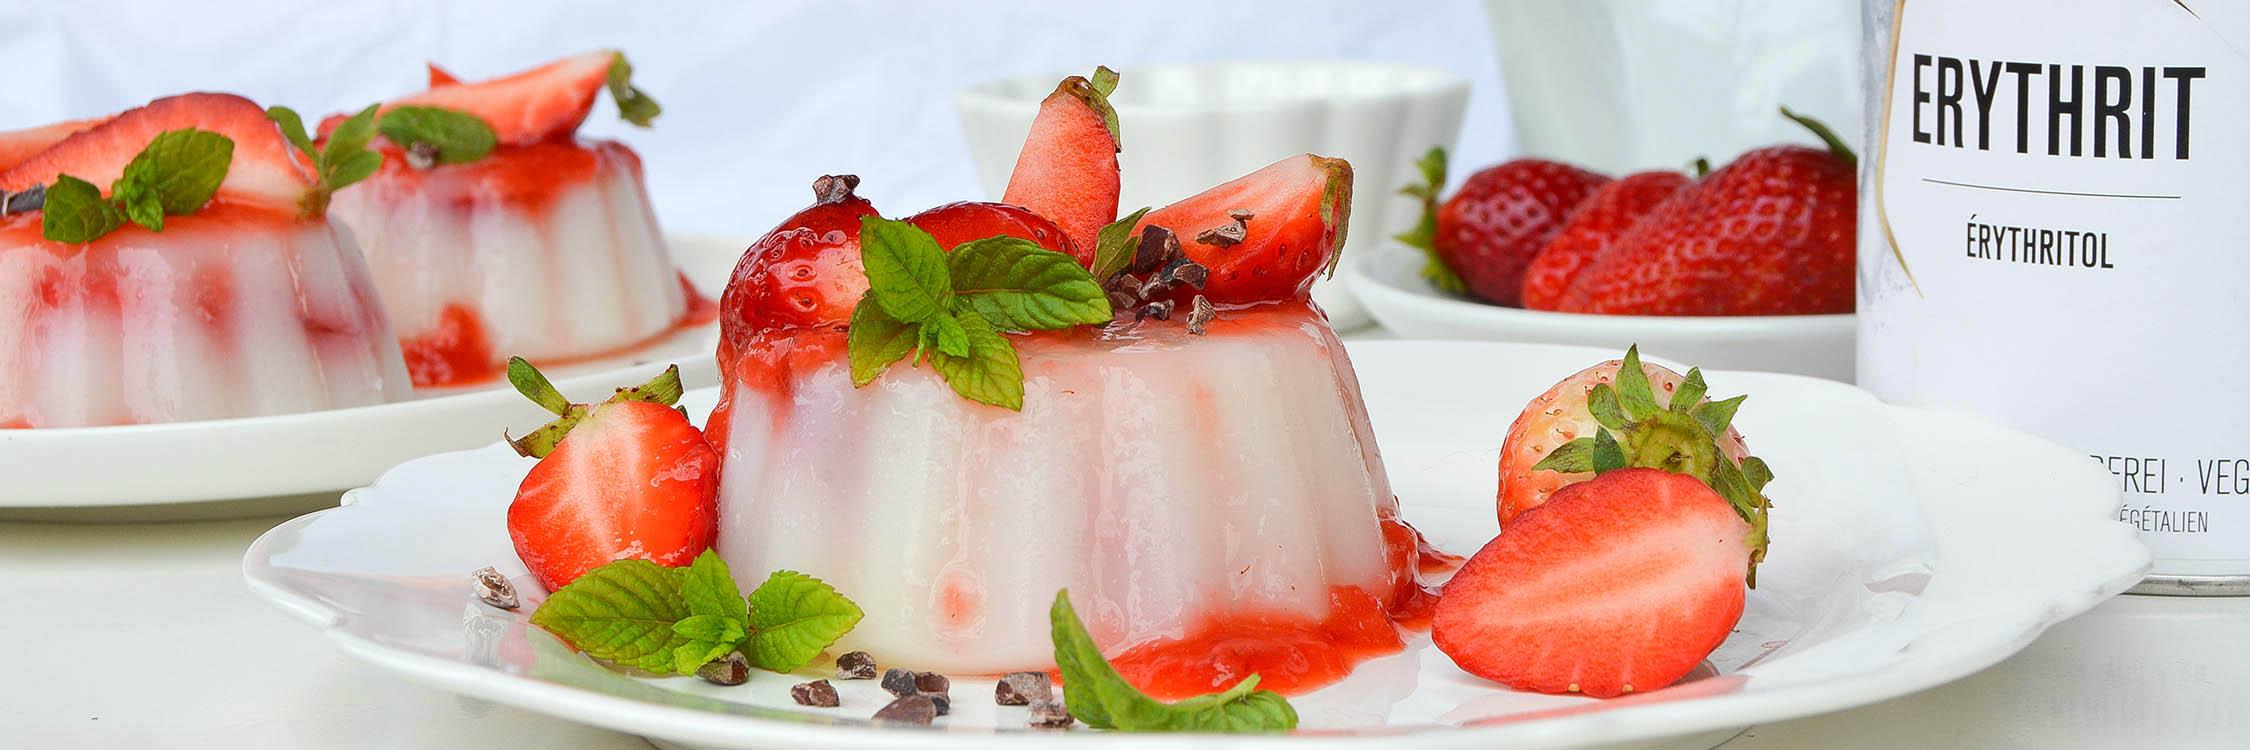 Panna cotta vegan à la fraise